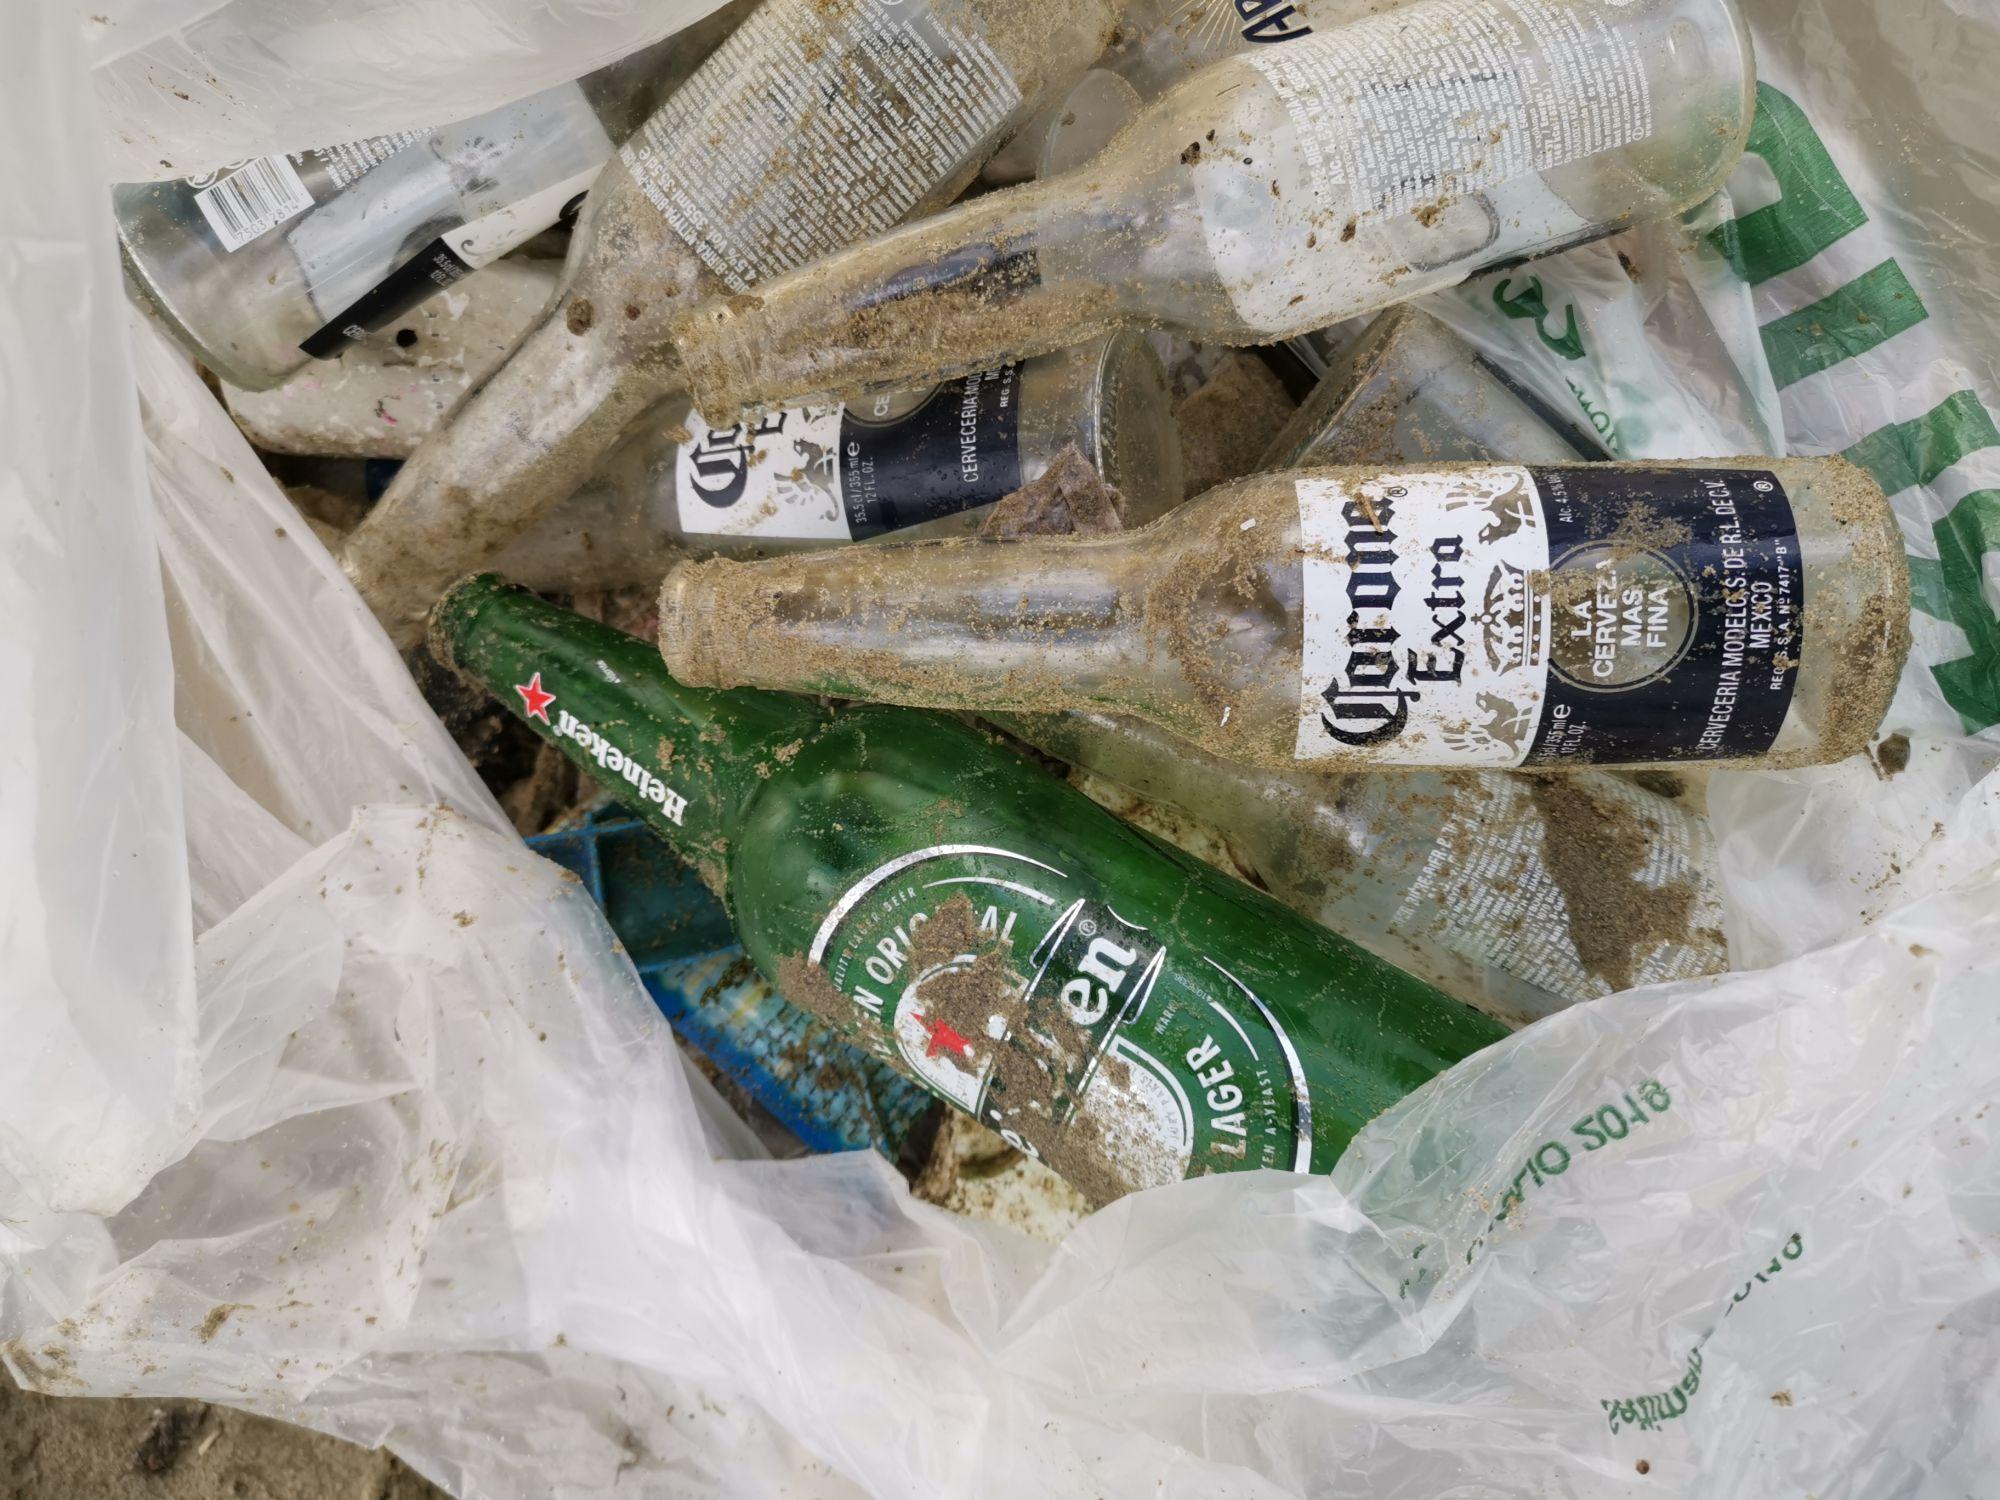 Un quintale di spazzatura tolto dalla spiaggia, tra i rifiuti anche siringhe e ossa di animali